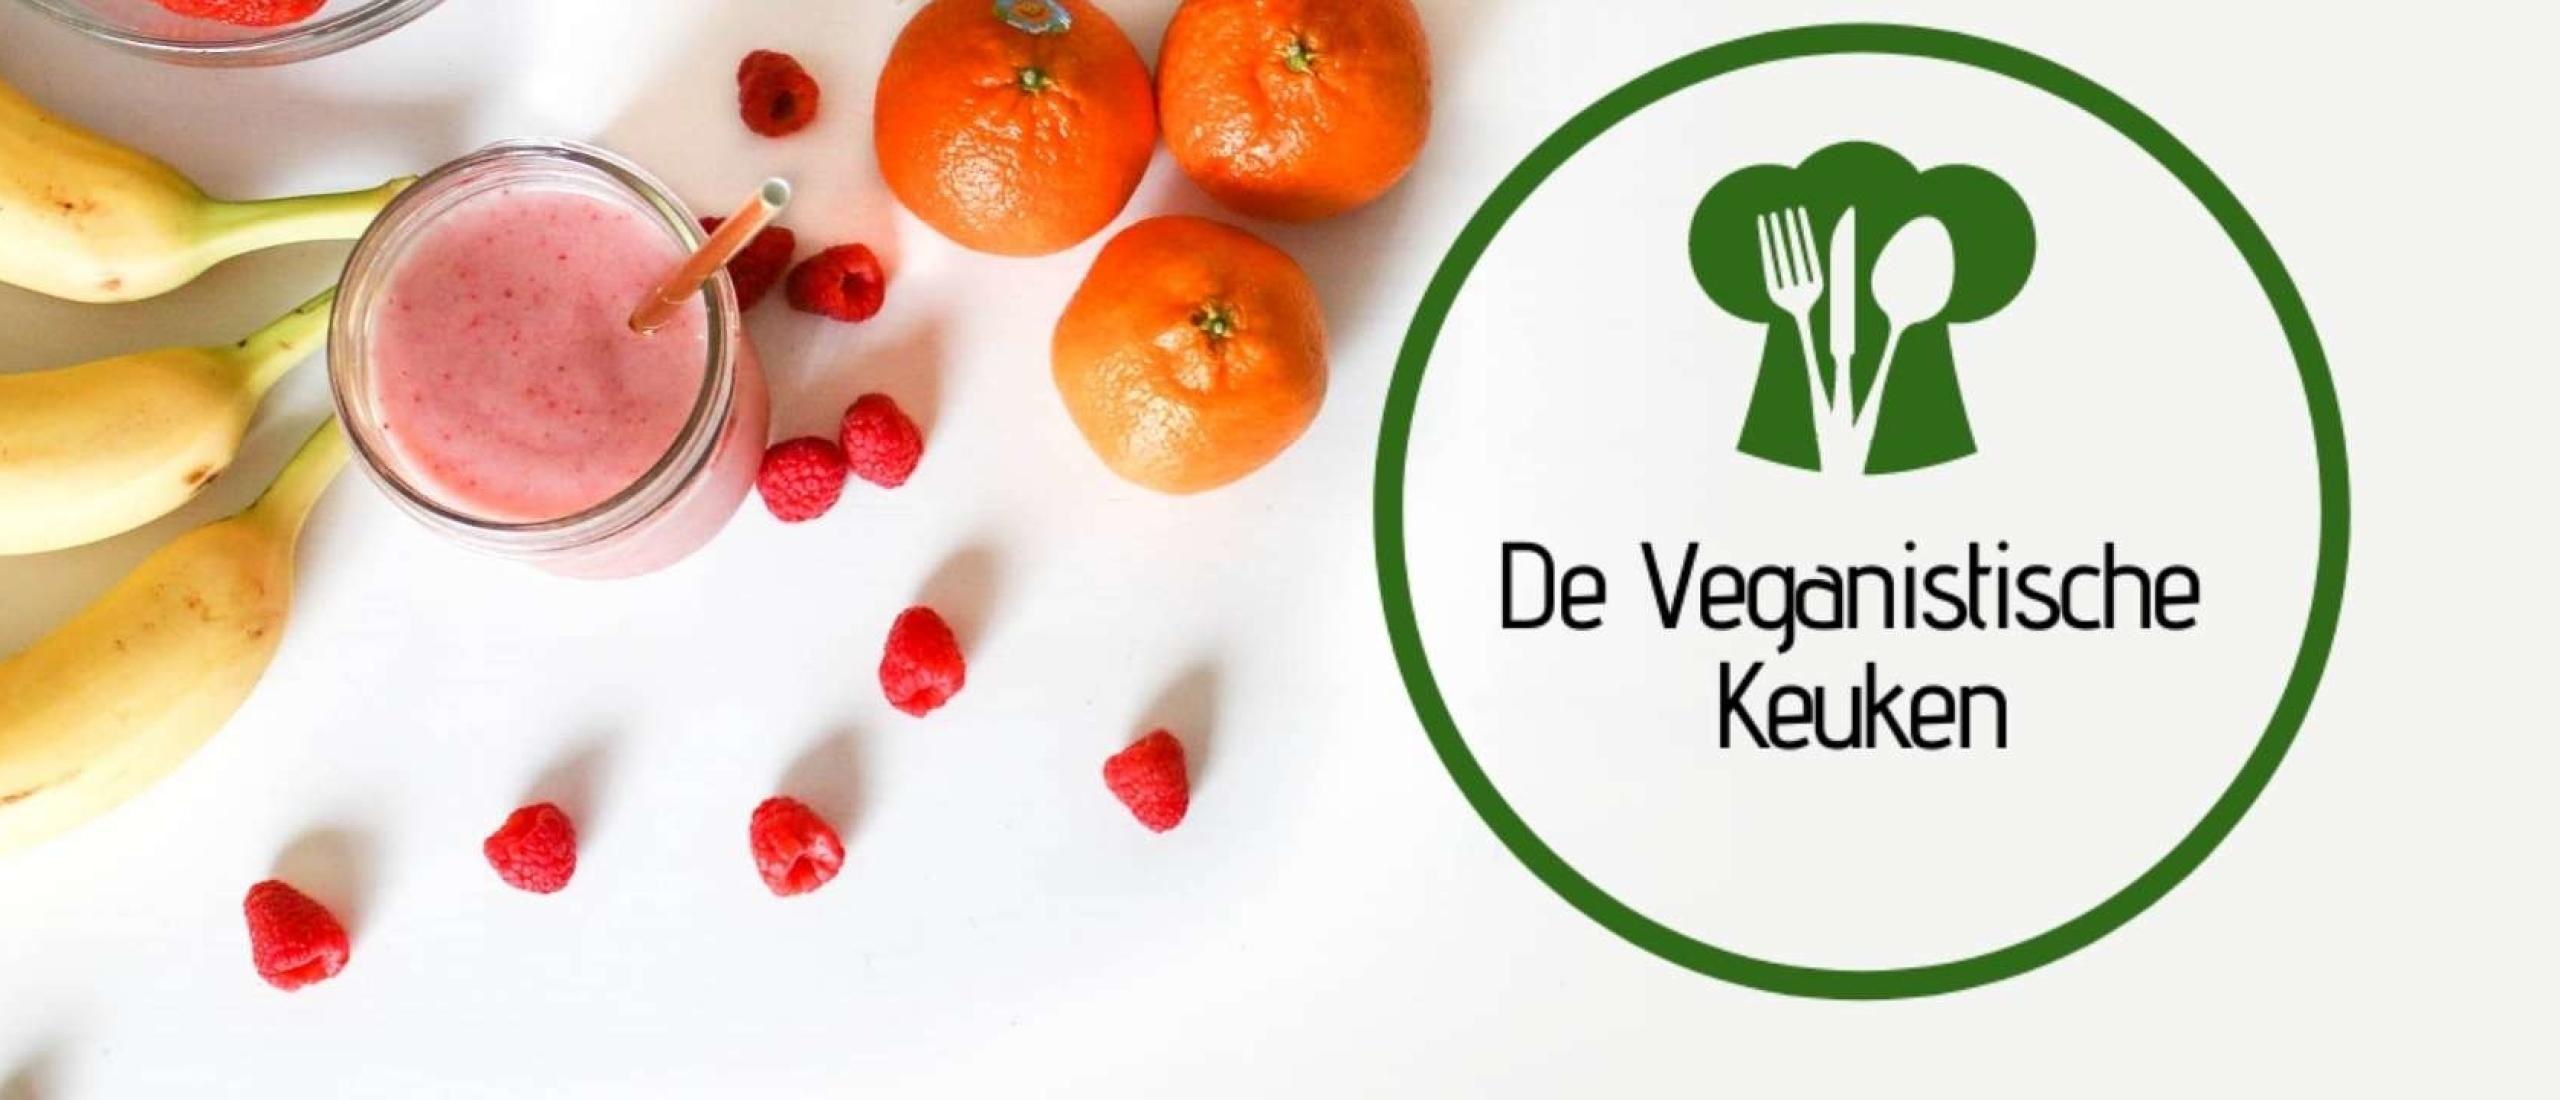 Recept Juni van De veganistische keuken